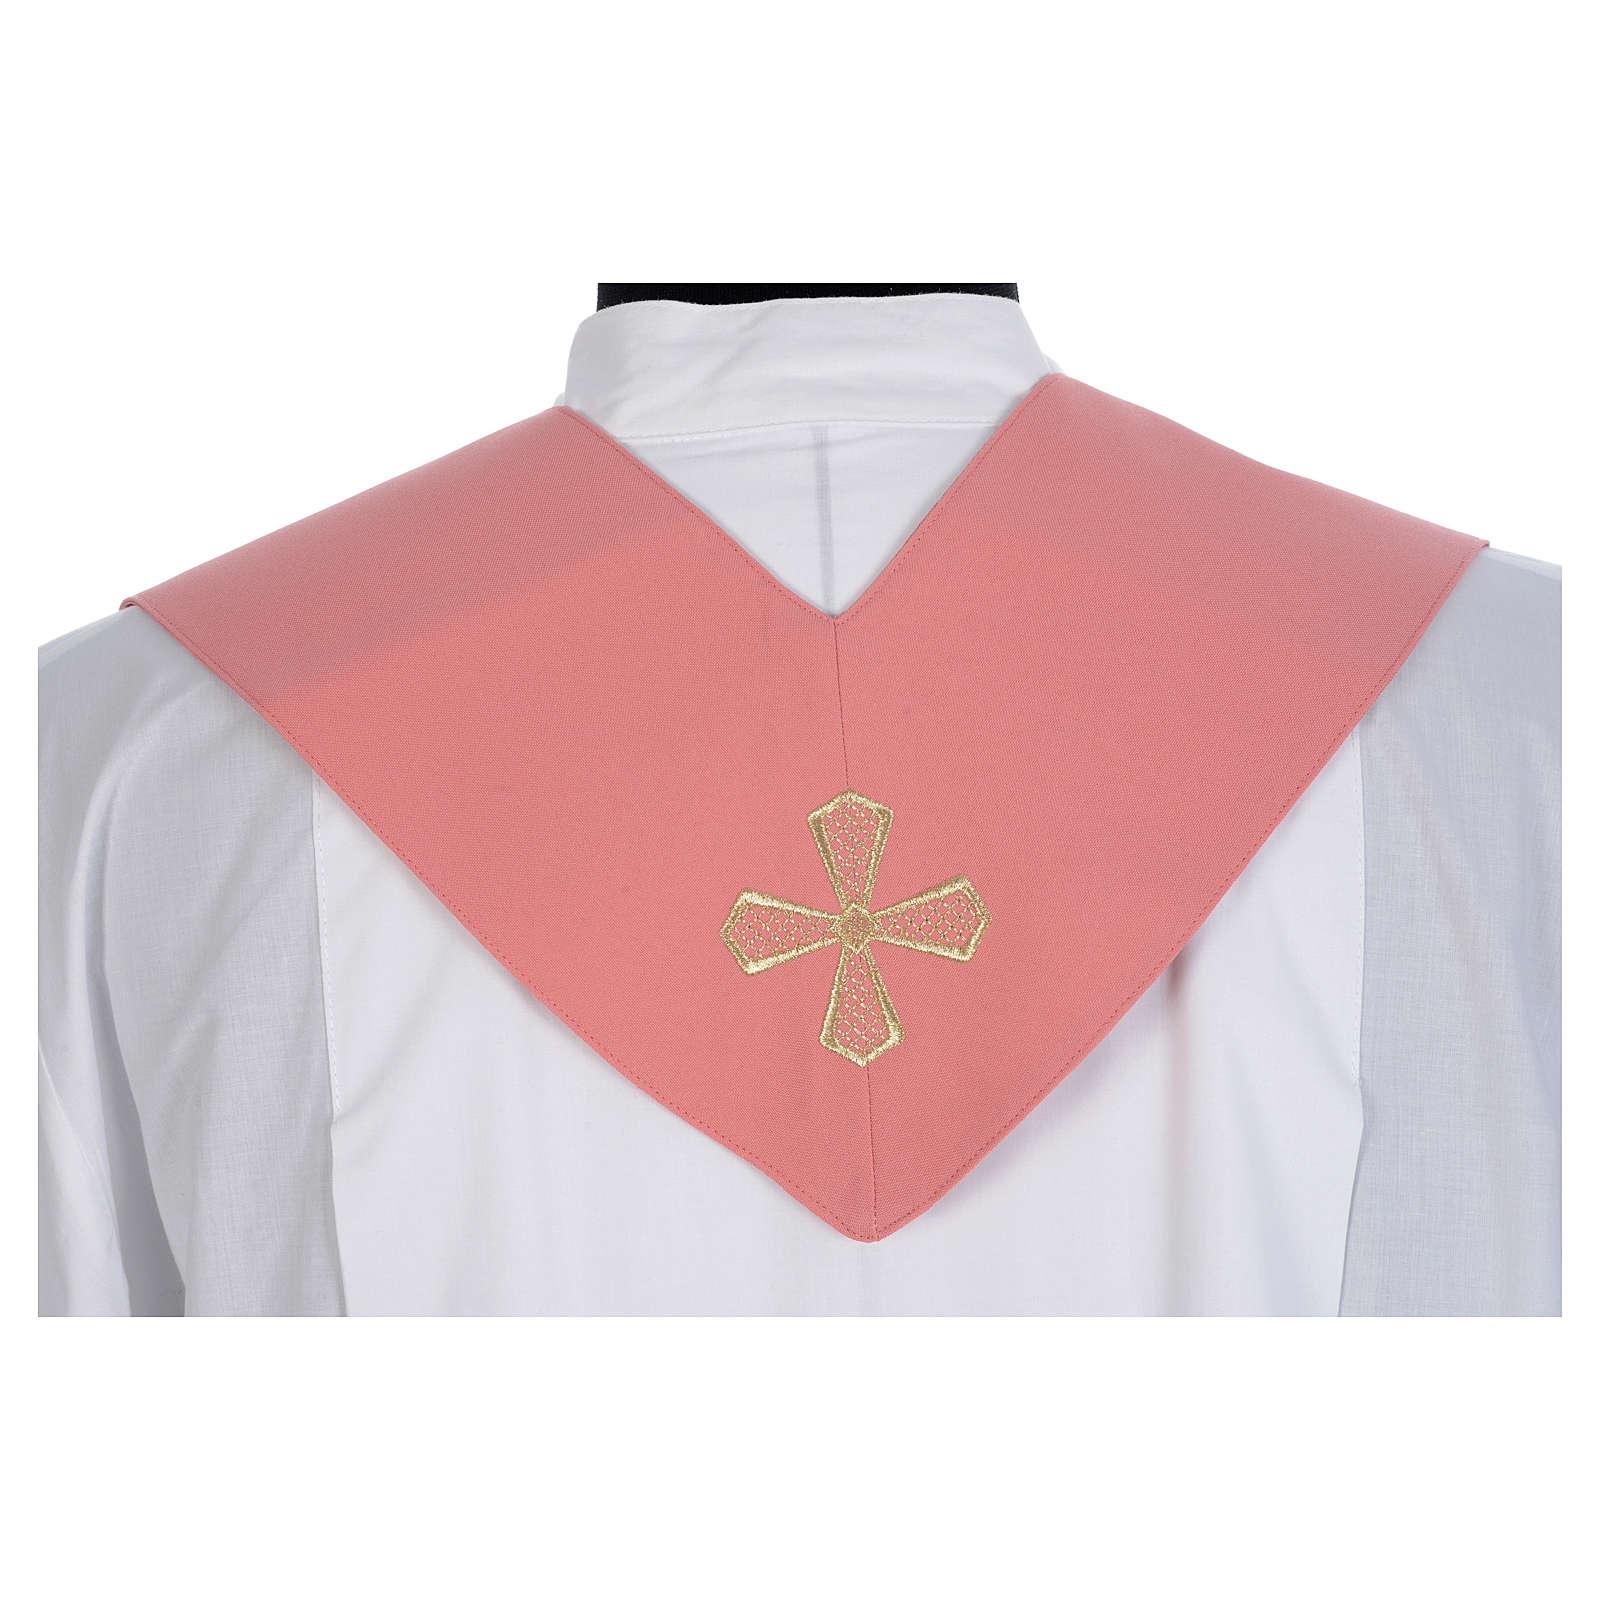 Casula rosa 100% poliestere inserti tessuto croce ricamata 4